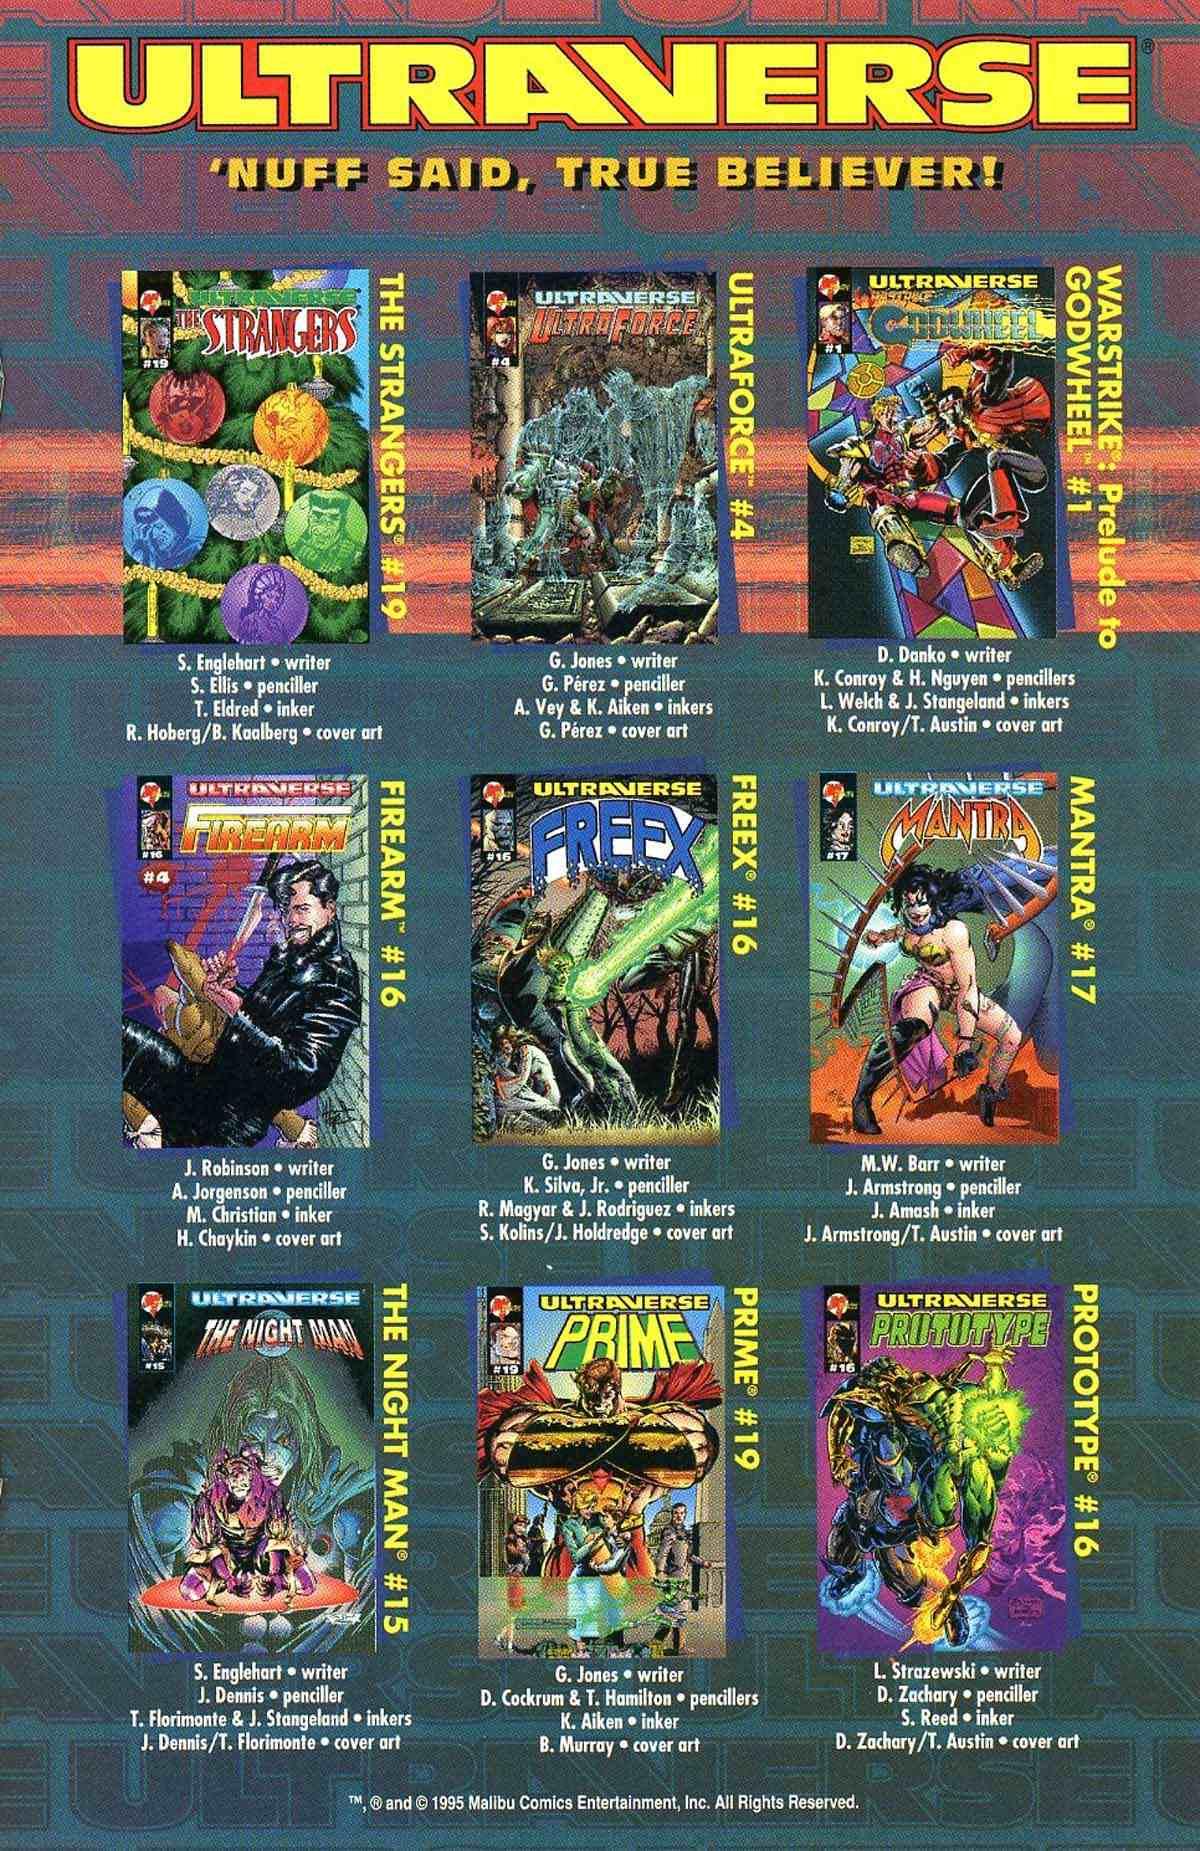 Read online Ultraverse Premiere comic -  Issue #10 - 42